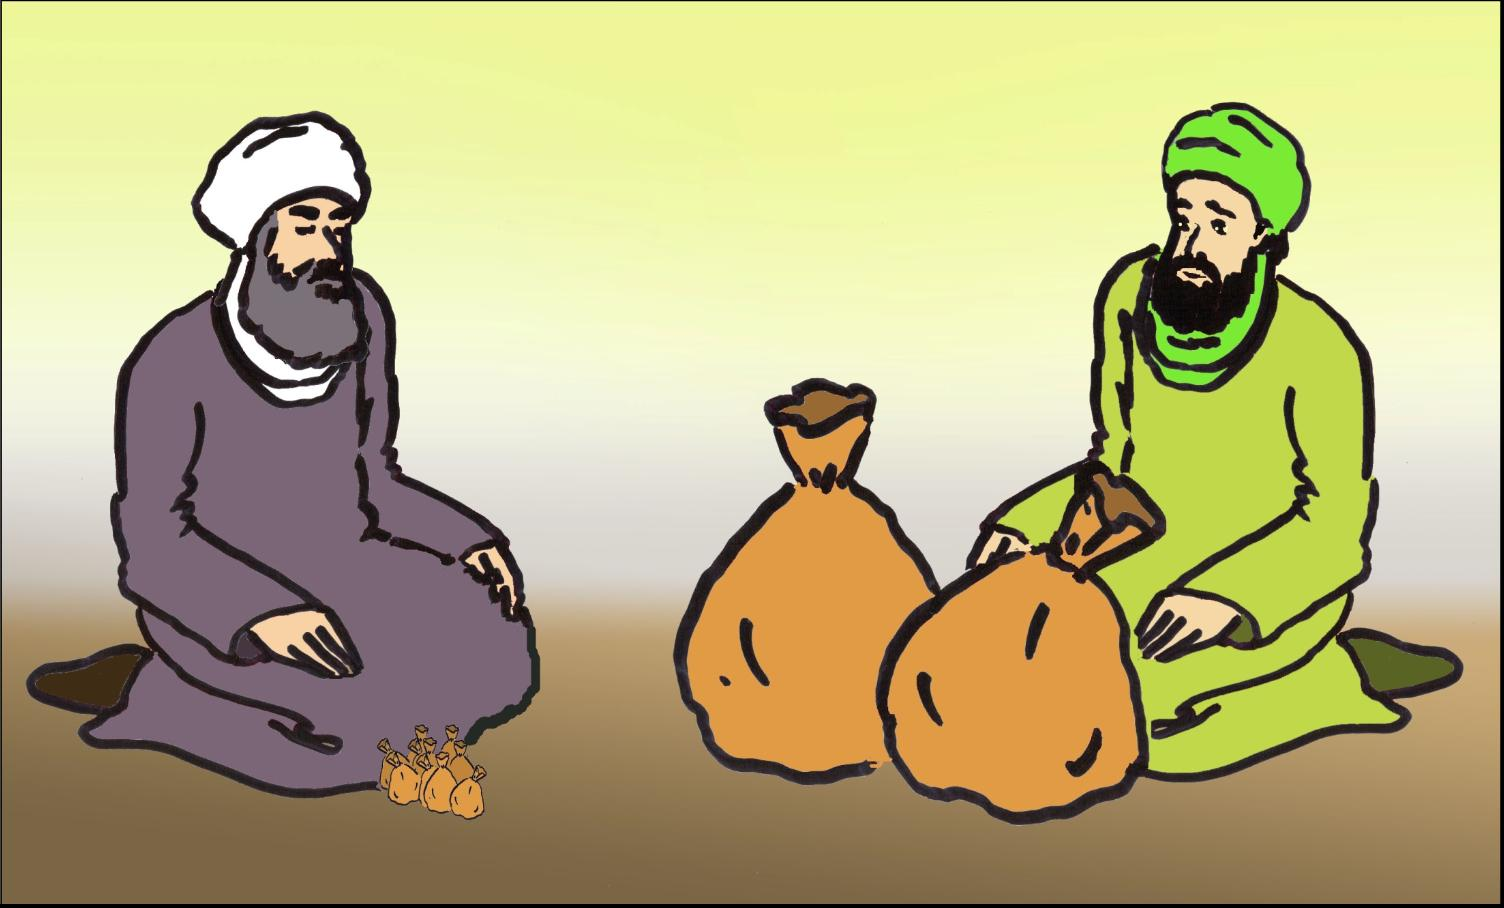 داستان مصوّر از امام حسن علیه السلام